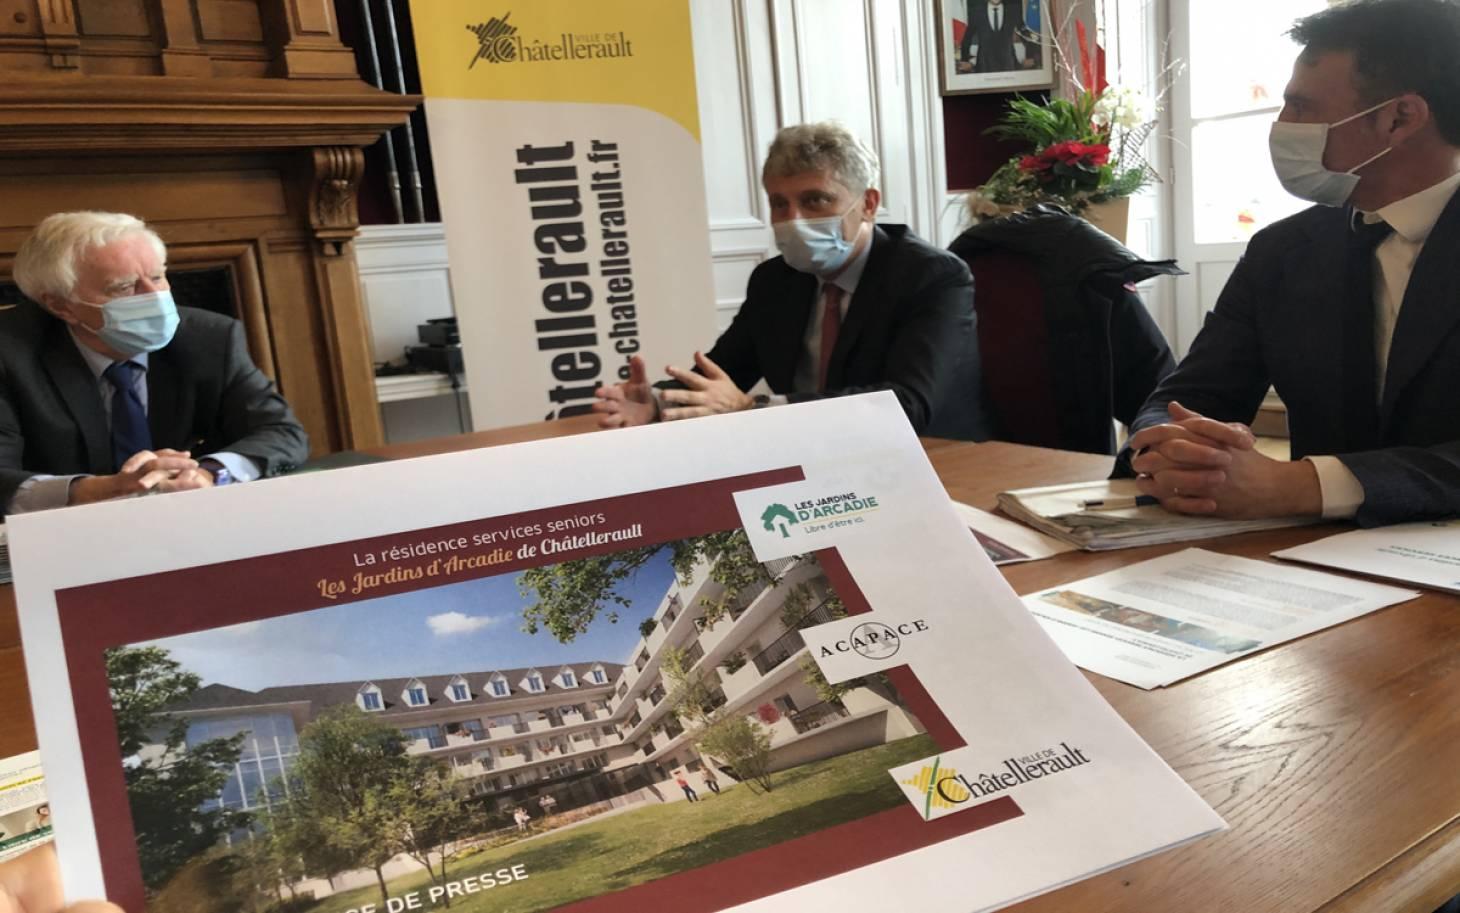 Châtellerault - 93 appartements adaptés pour les seniors en 2022